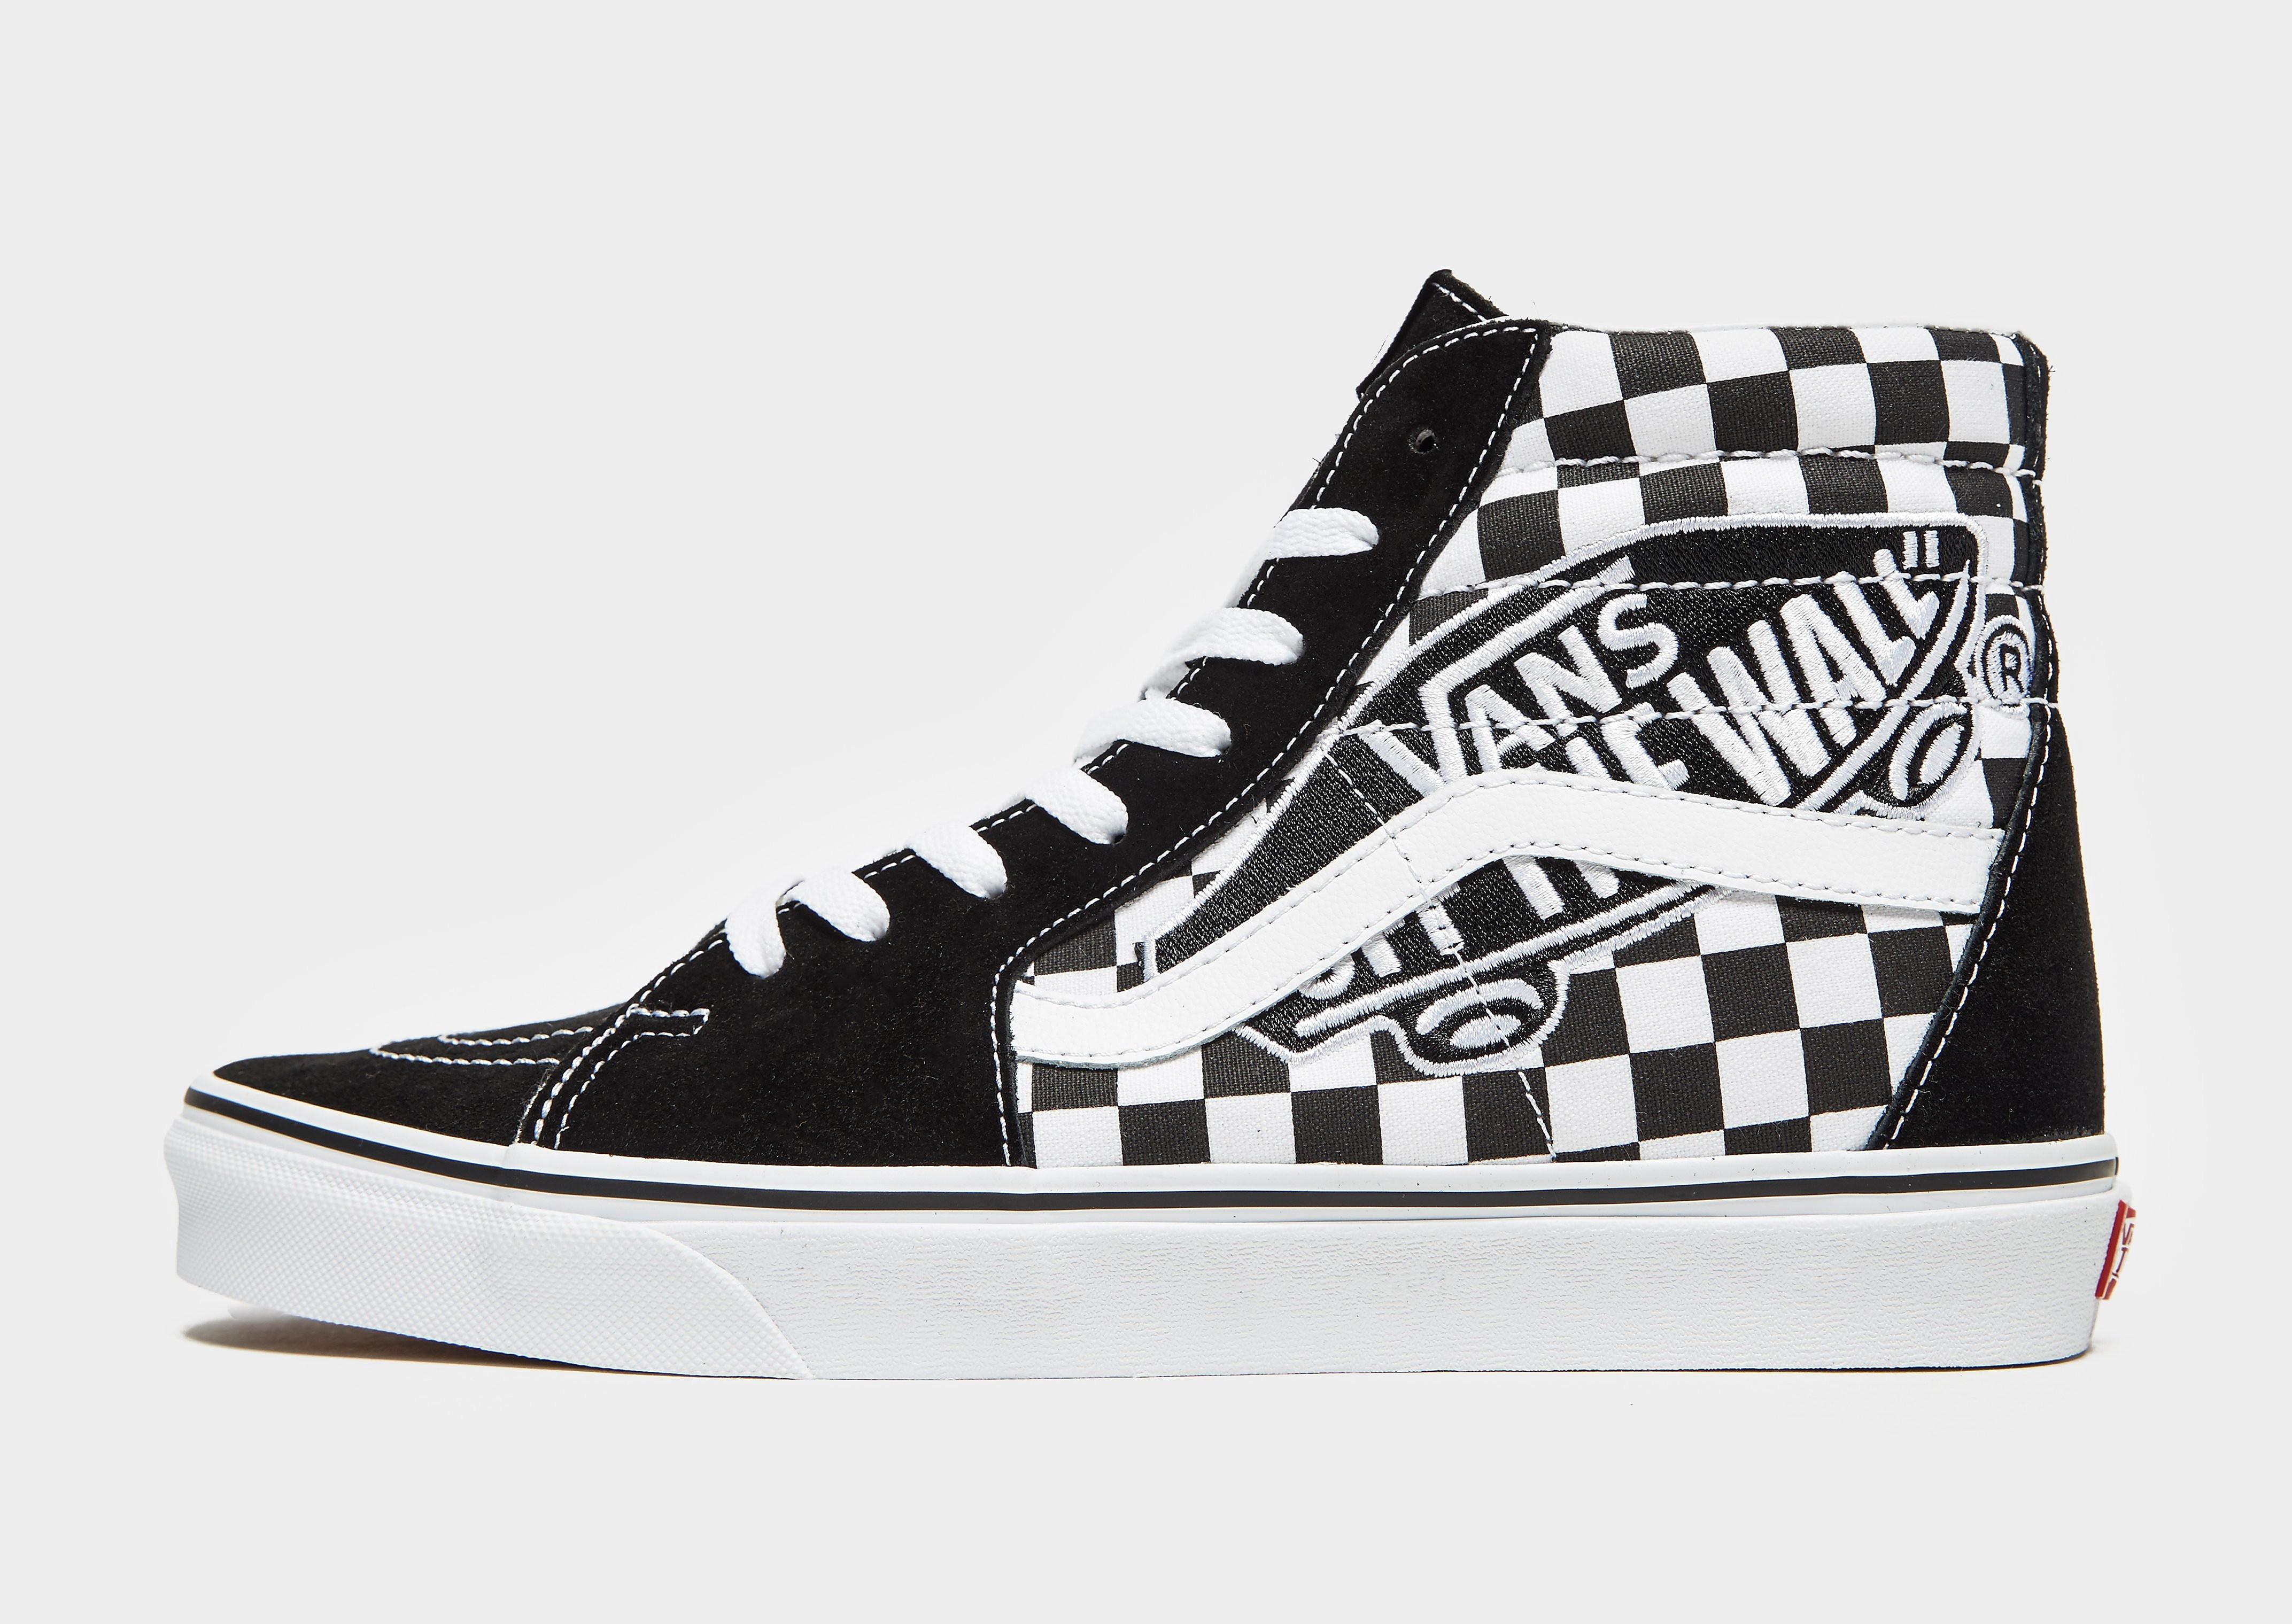 Vans Sk8 herensneaker zwart, print en wit